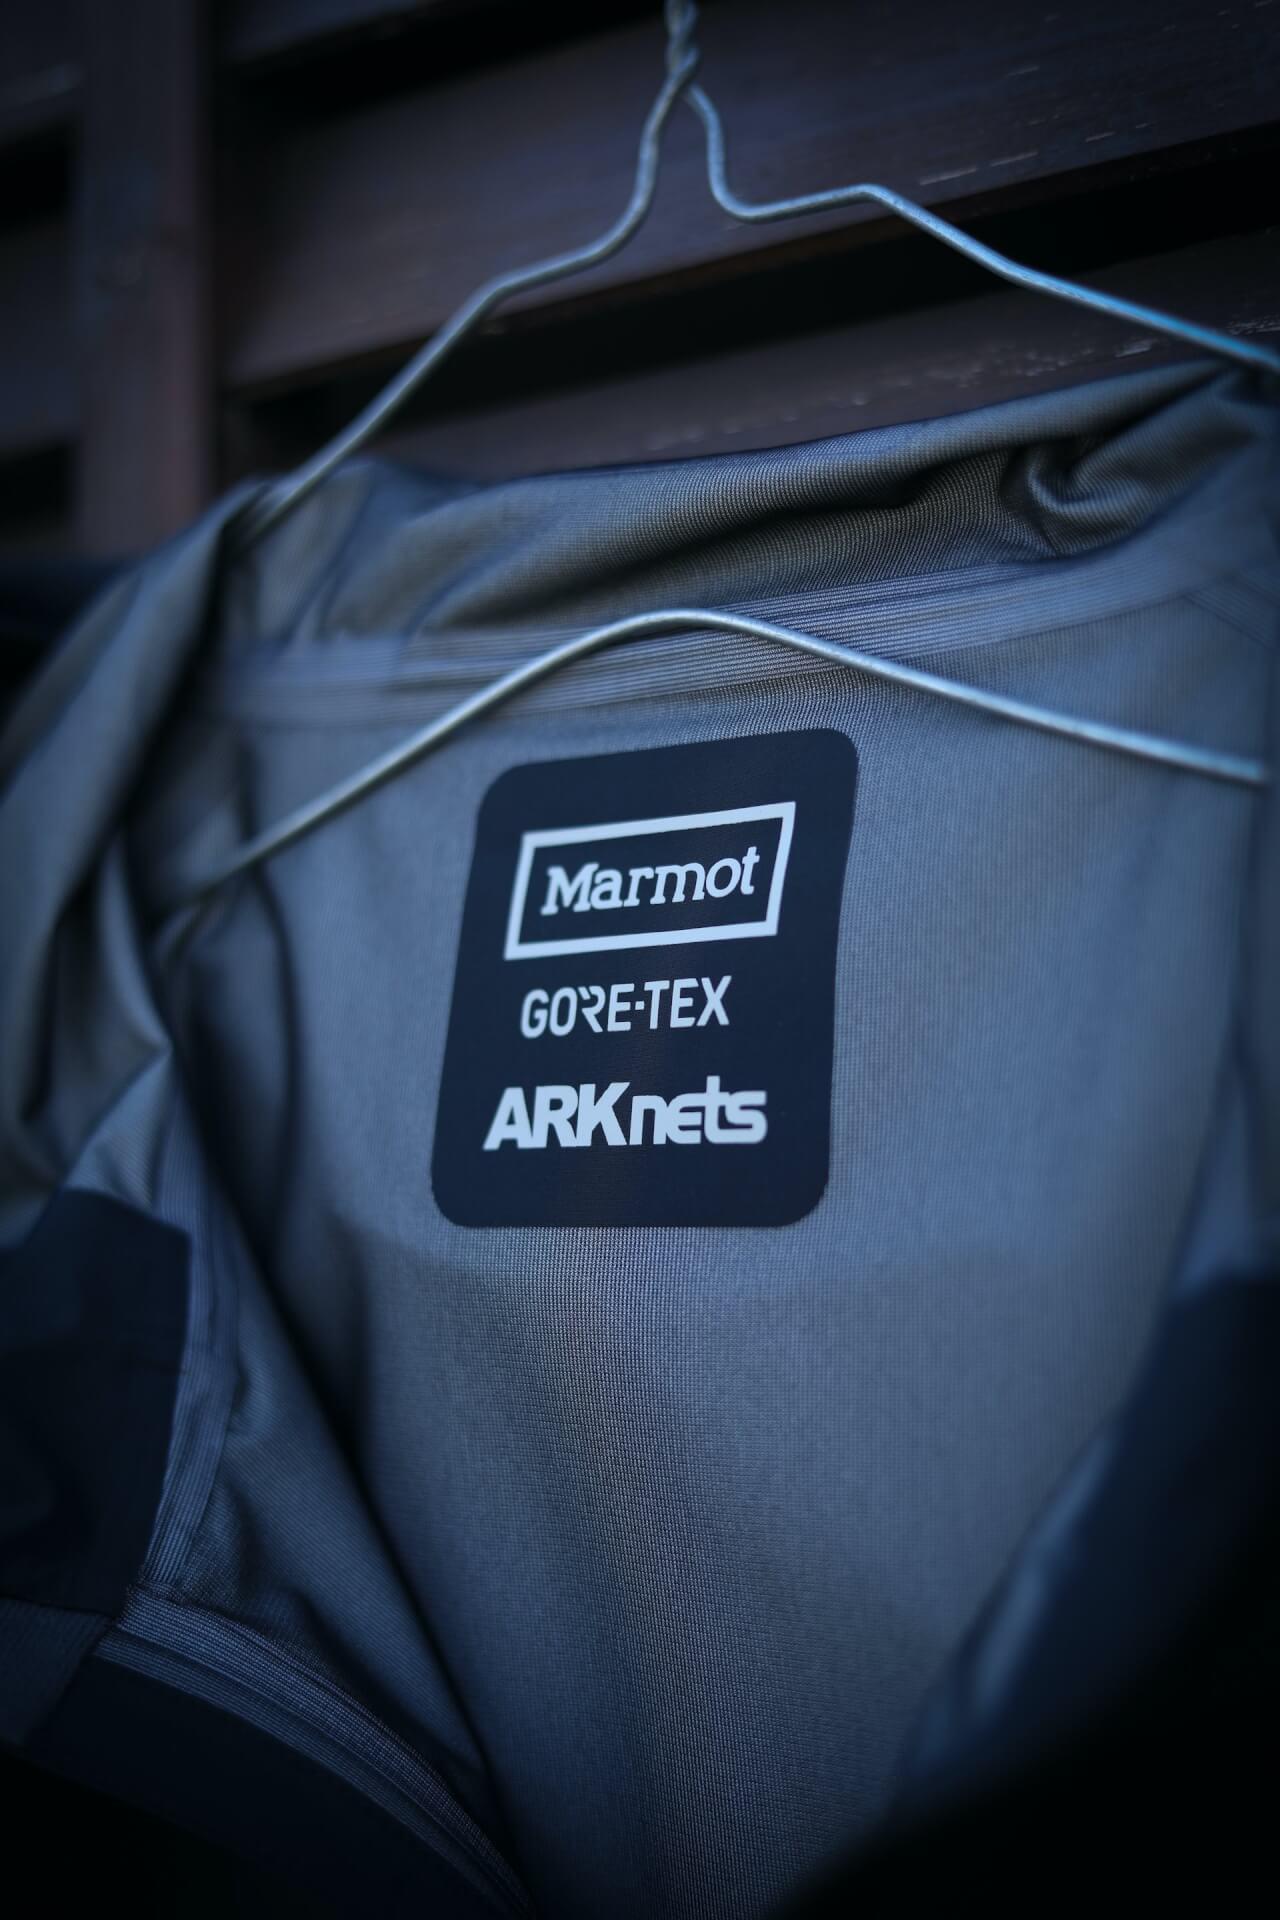 ARKnetsからMarmotに別注したゴアテックス3Lシェルジャケットが登場! fashion210819_marmot_4